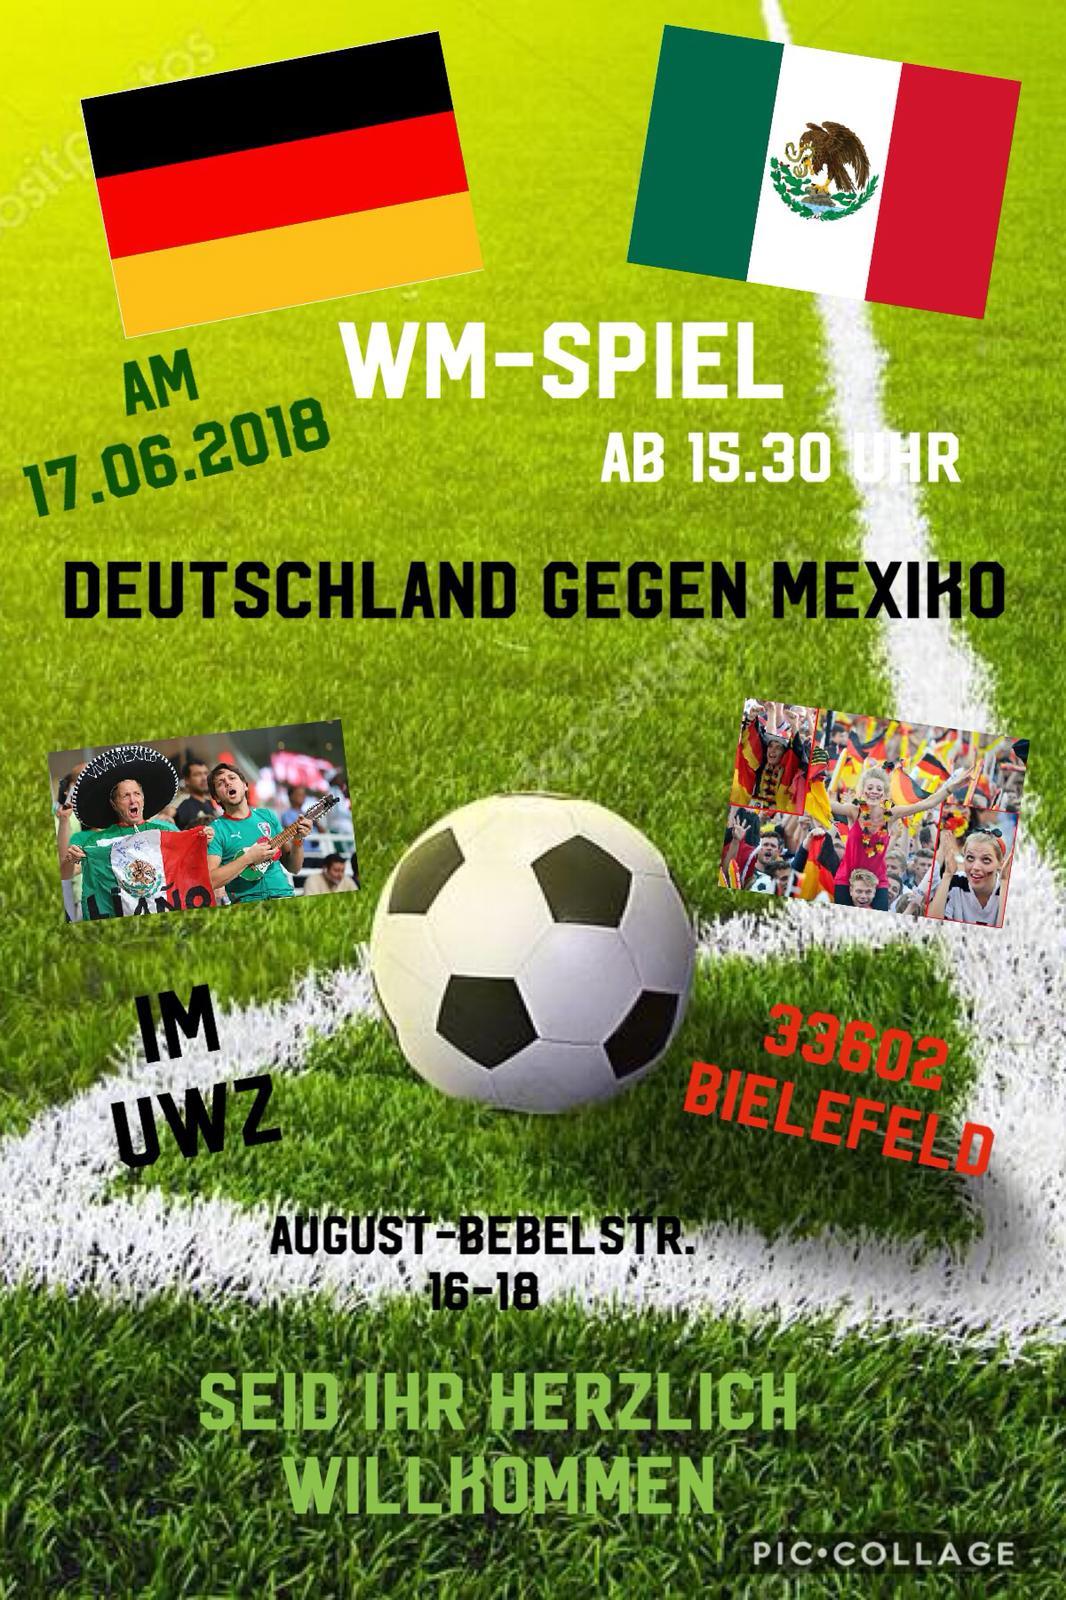 WM -Spiel am 17.06.18